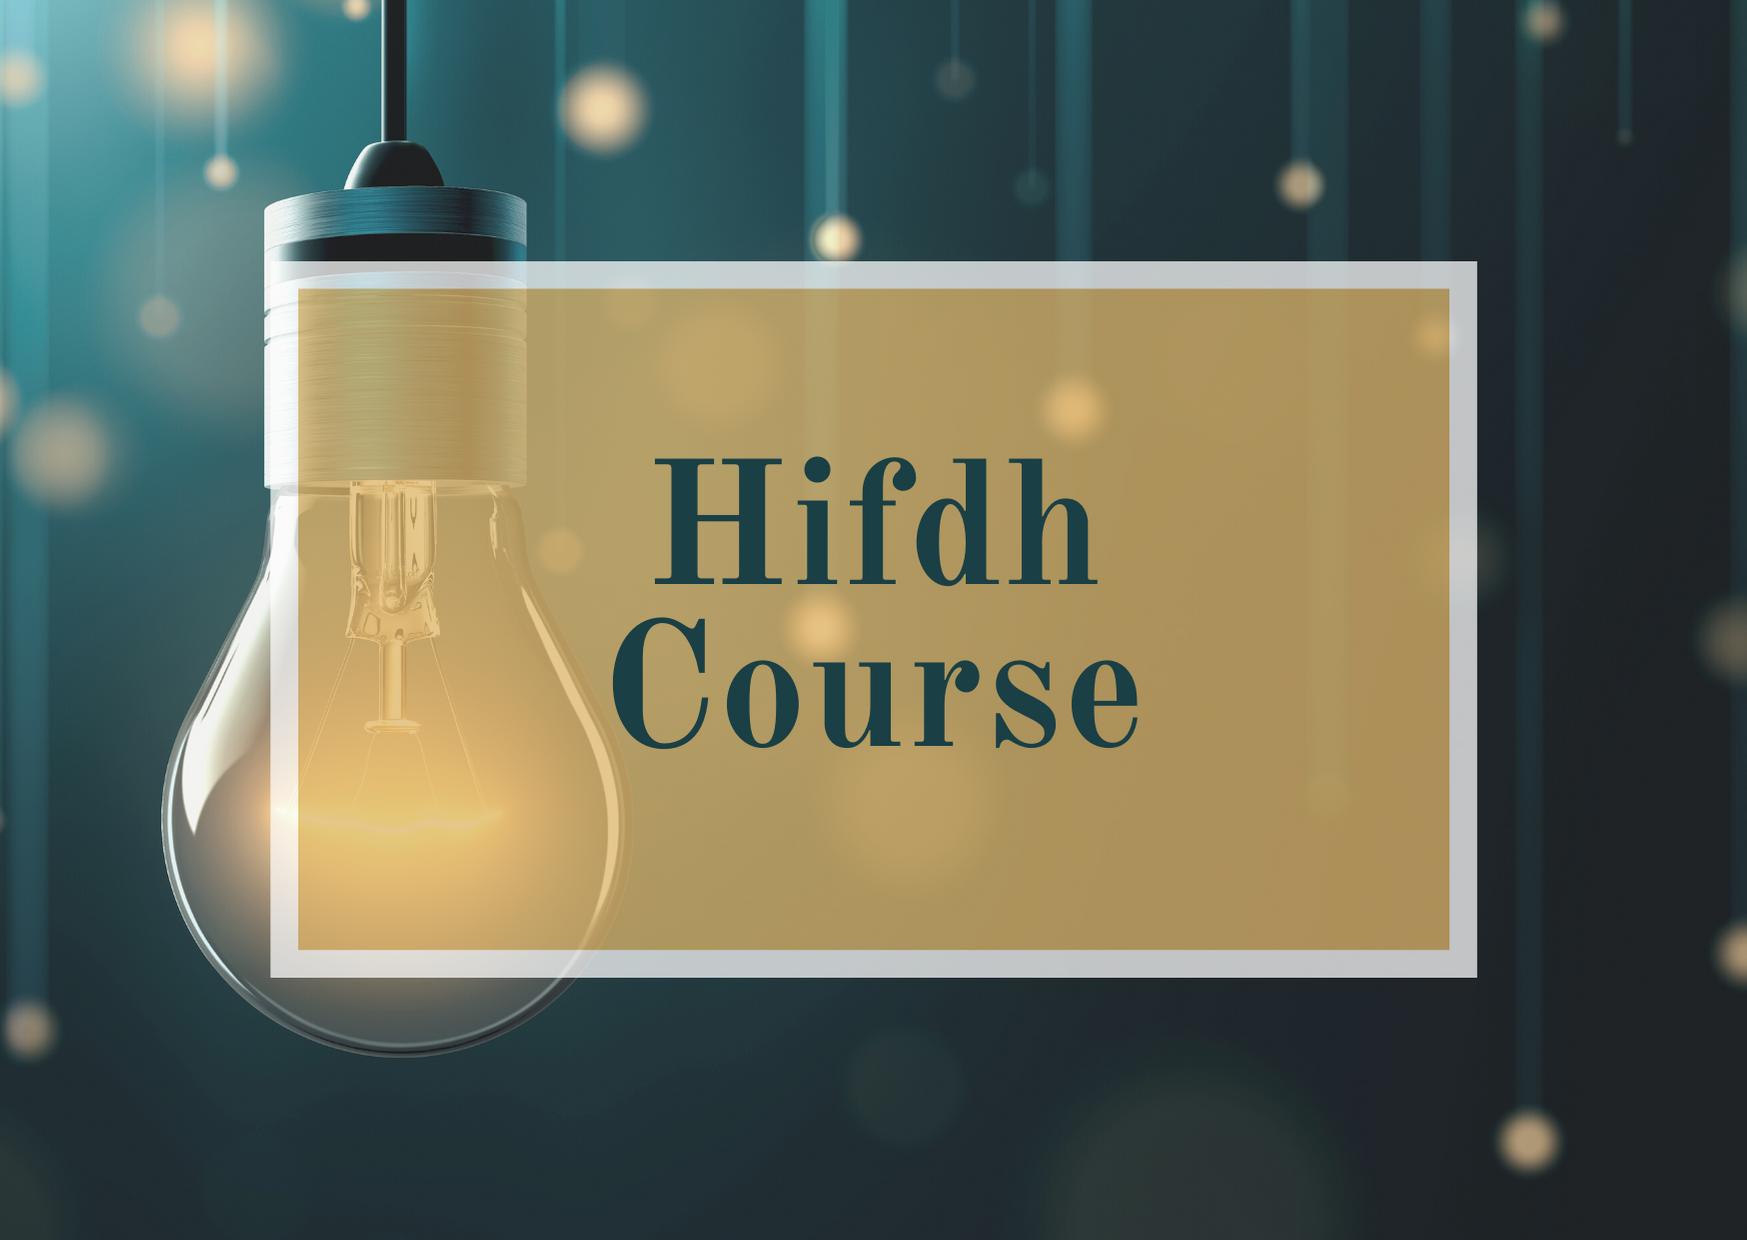 Hifdh Course